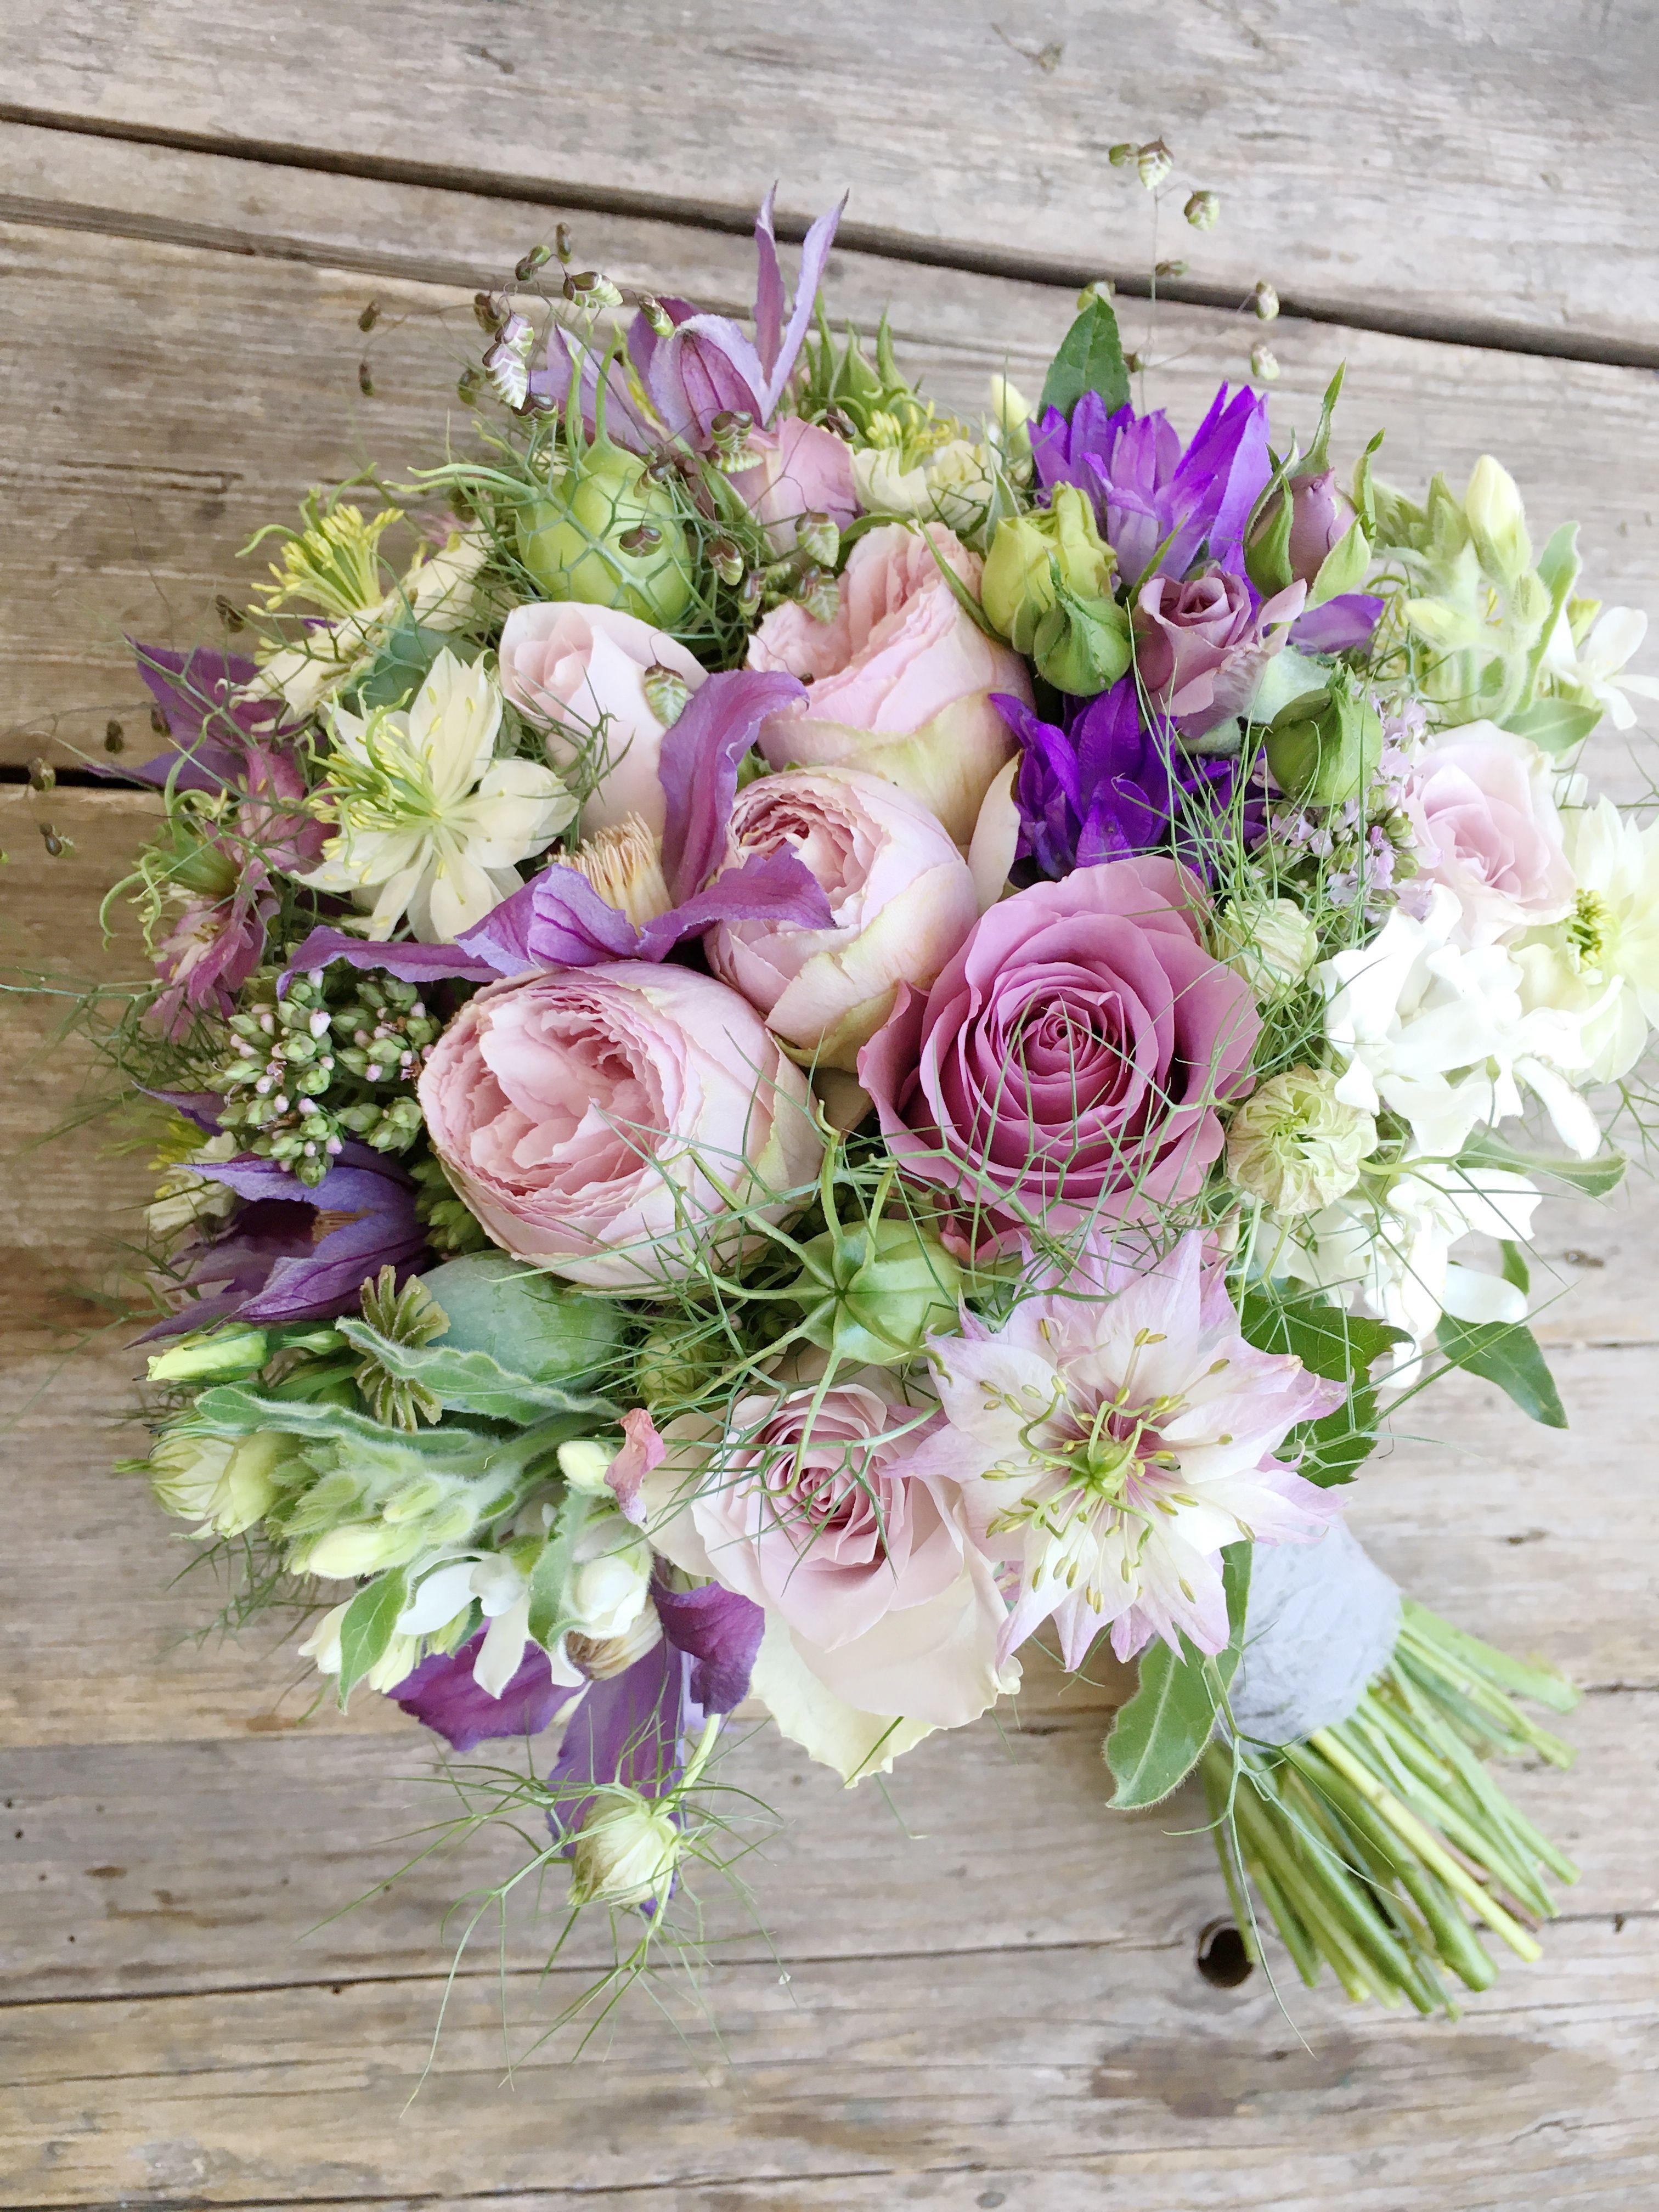 Brautstrauß flieder lila #bridalbouquetpurple